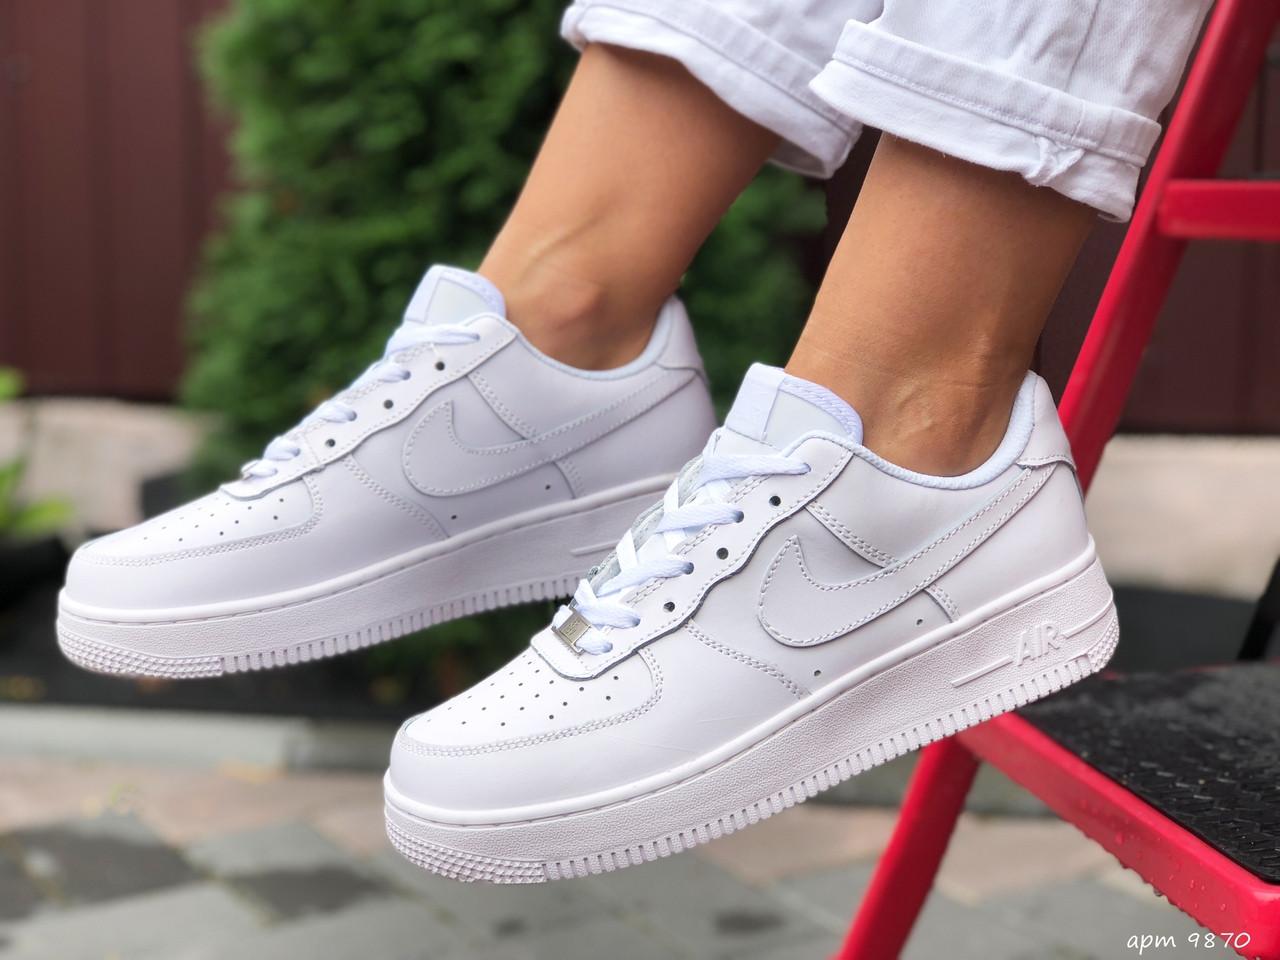 Жіночі кросівки Nike Air Force (білі) 9870